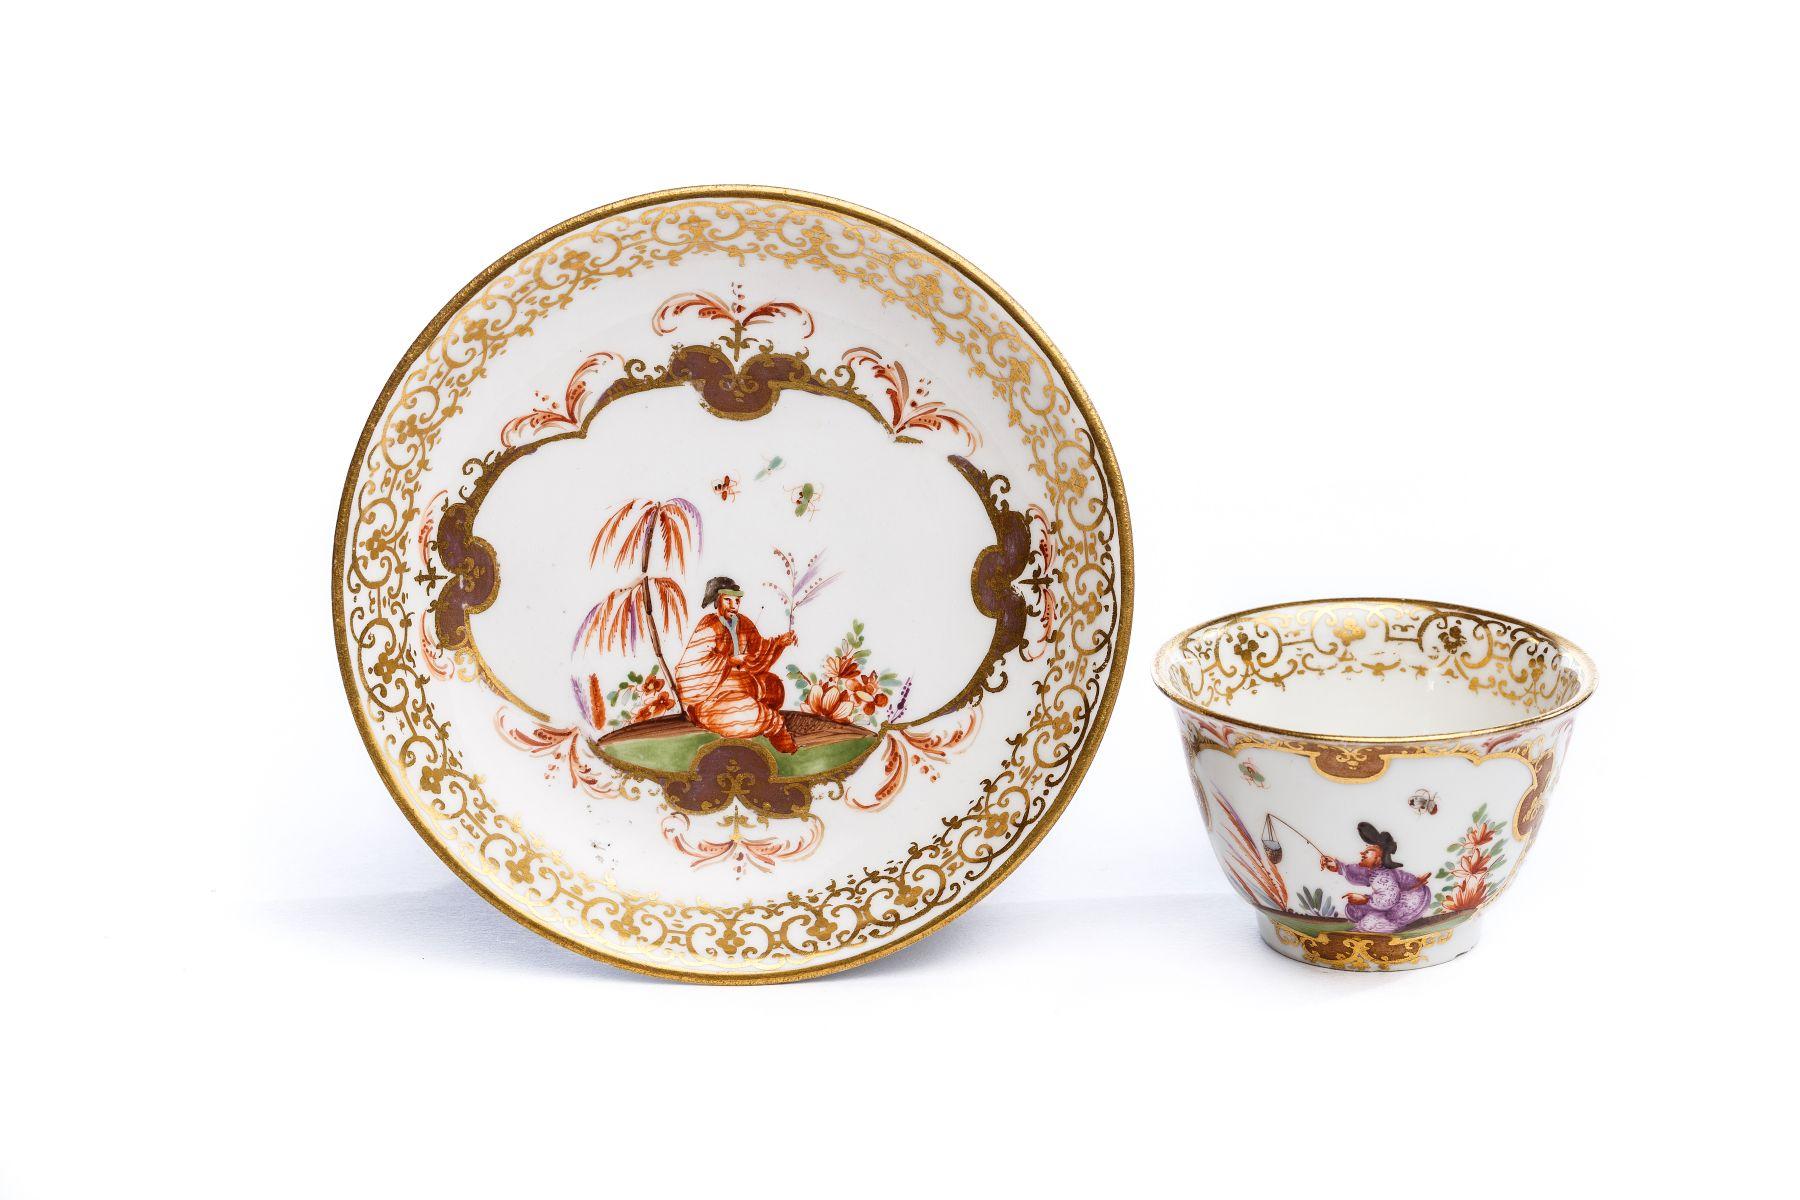 #31 Bowl with saucer, Meissen 1730/35 | Koppchen mit Unterschale, Meissen 1730/35 Image